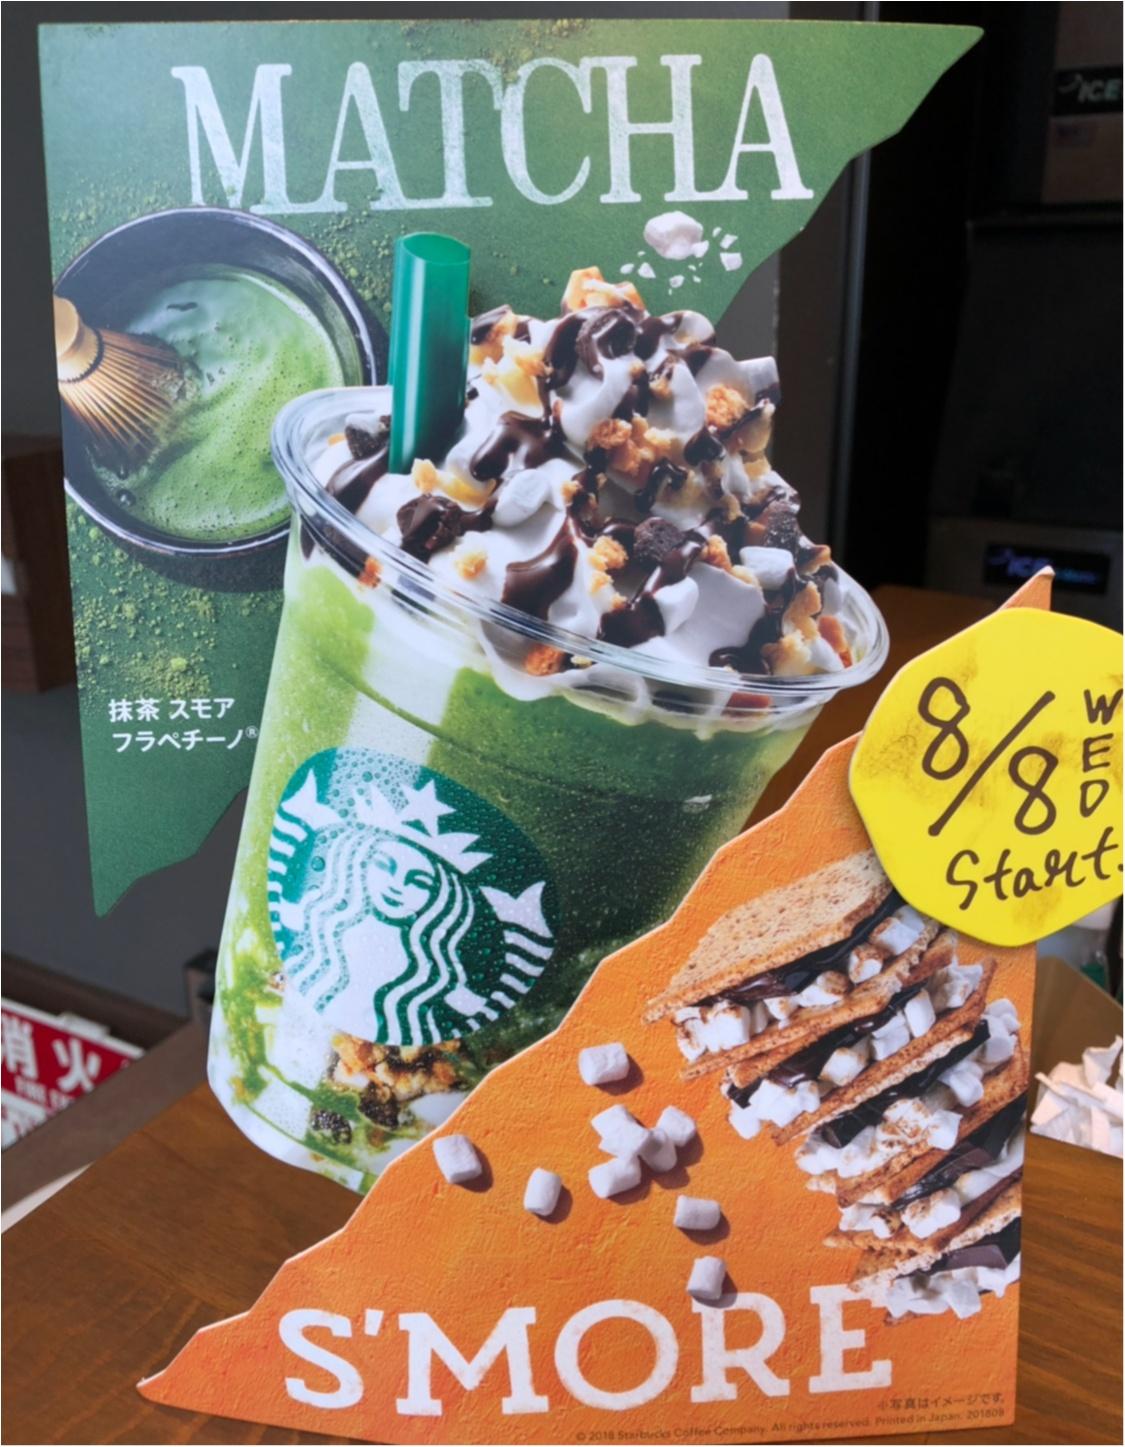 【スタバ】新作《抹茶スモアフラペチーノ》が夏にぴったりの美味しさな理由って❤️?_2